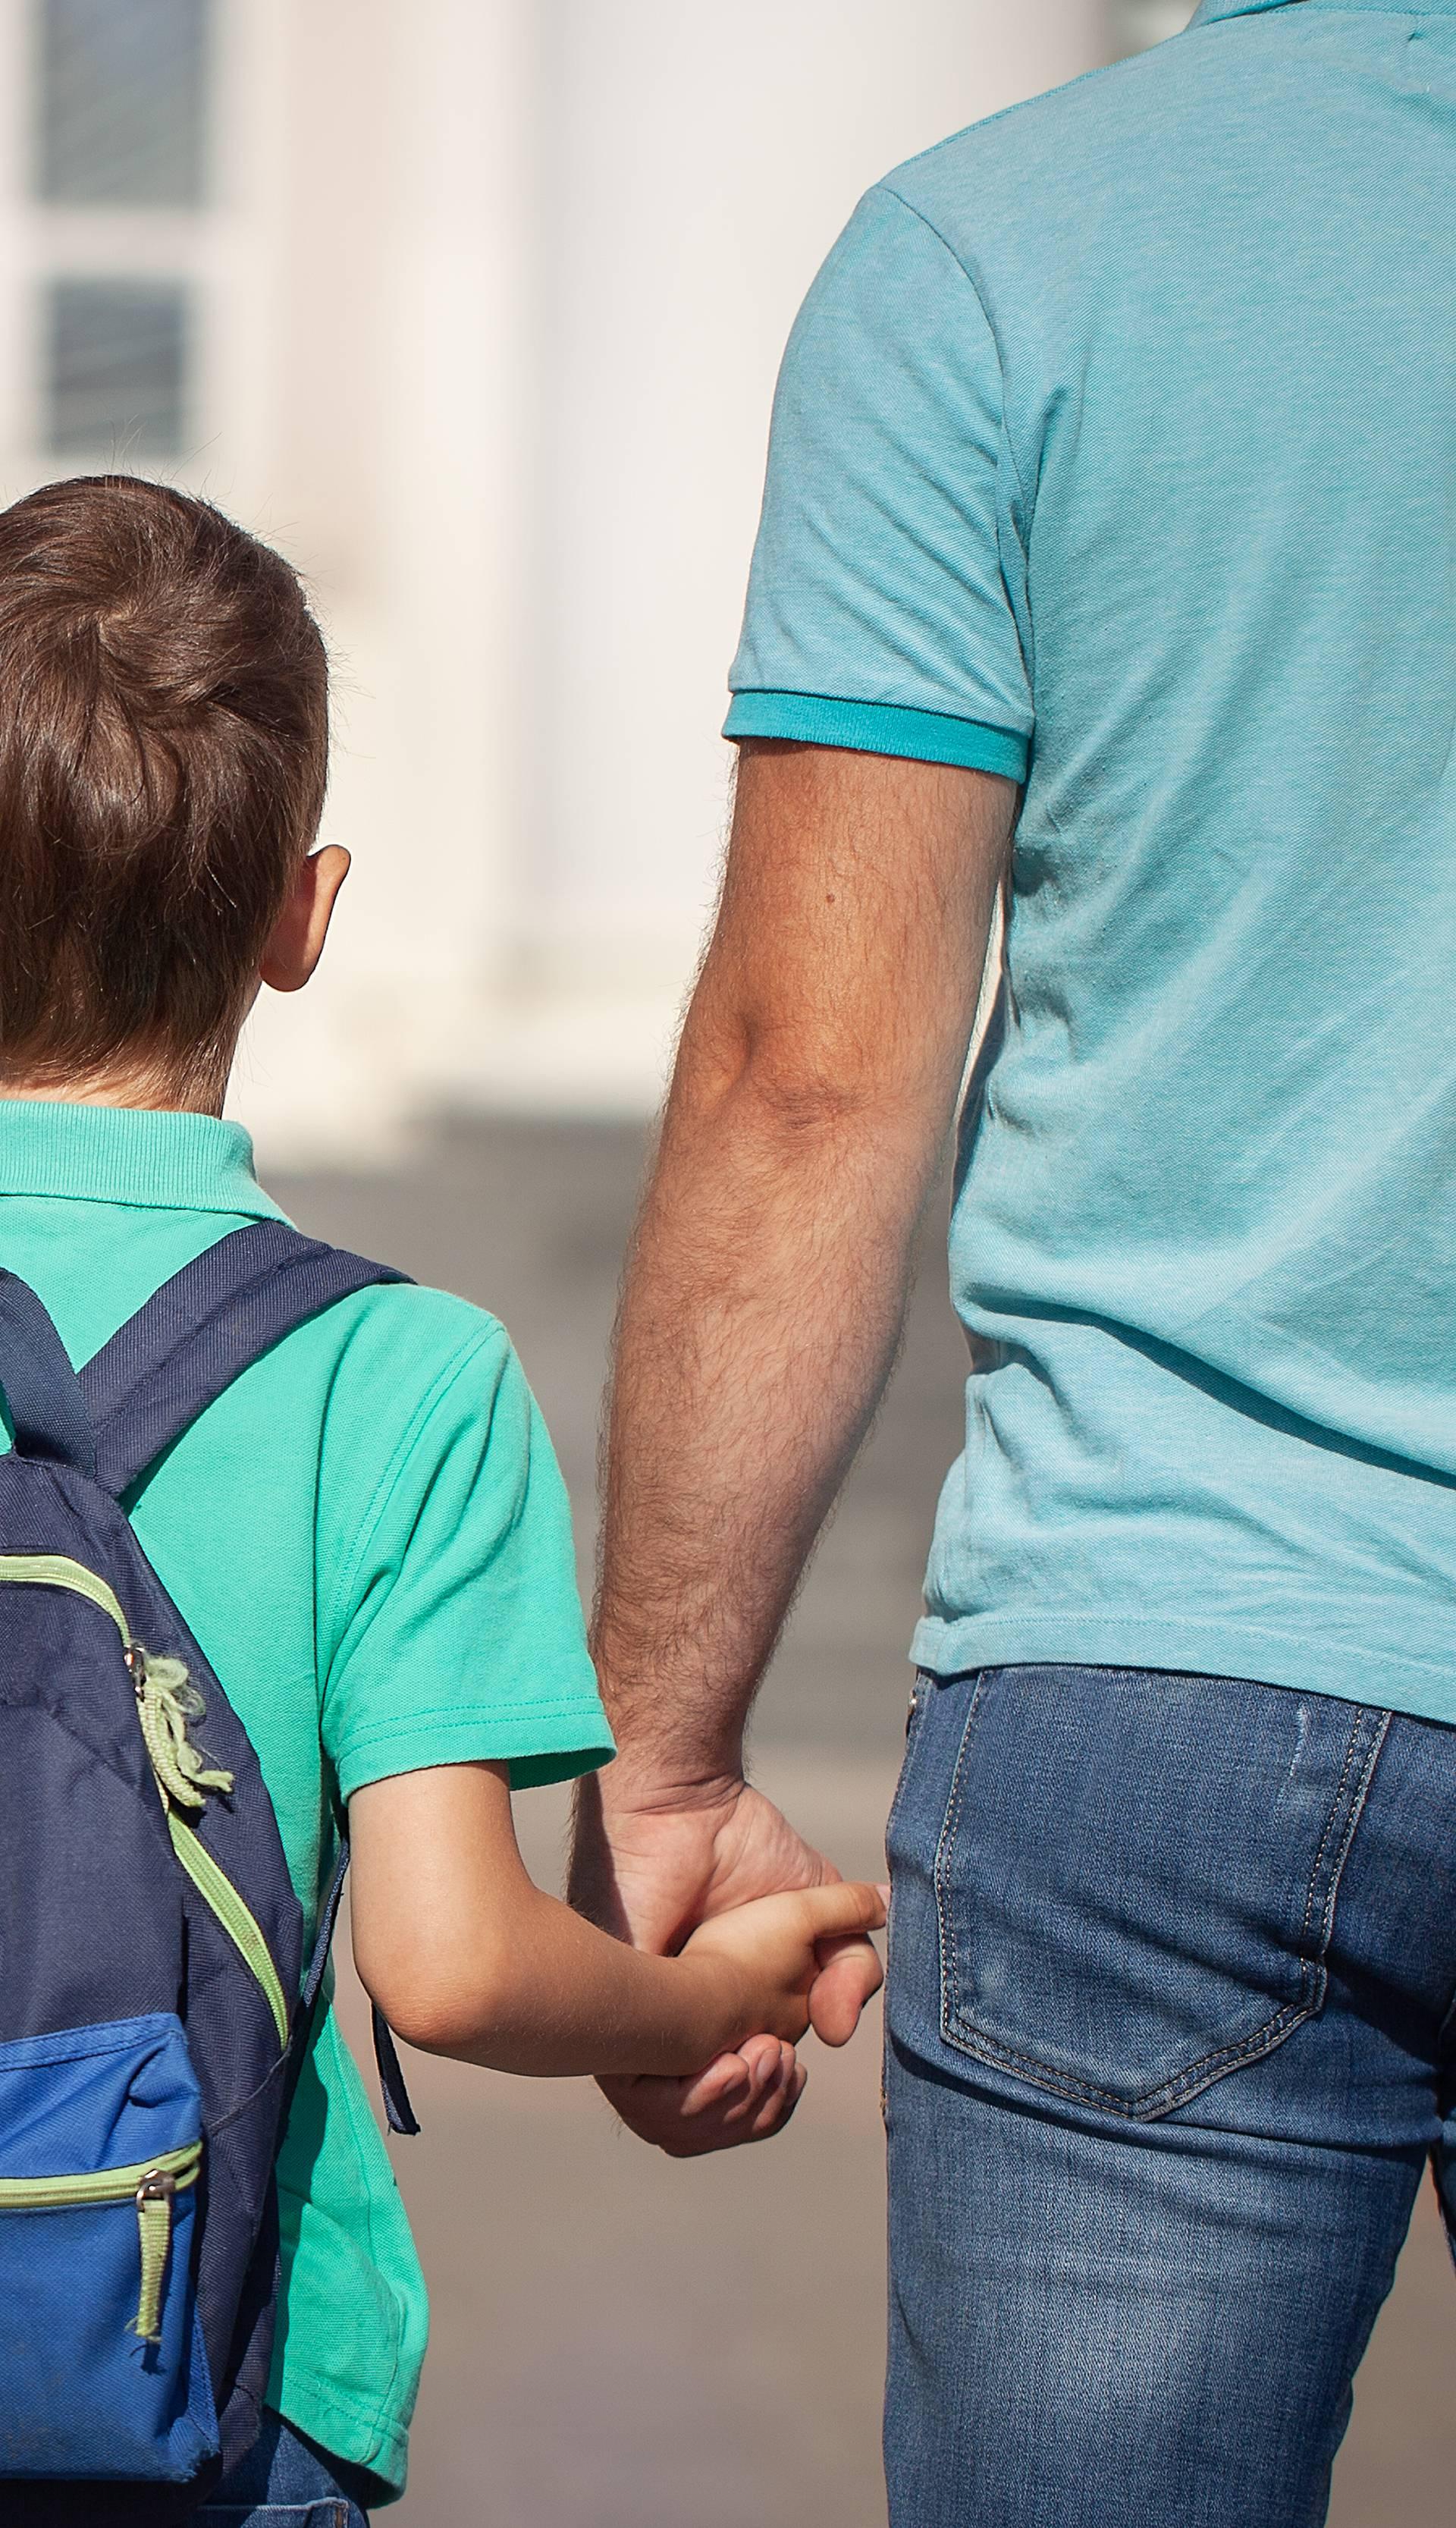 Učenici će ići u svoje razrede, engleski i vjeronauk u školi?